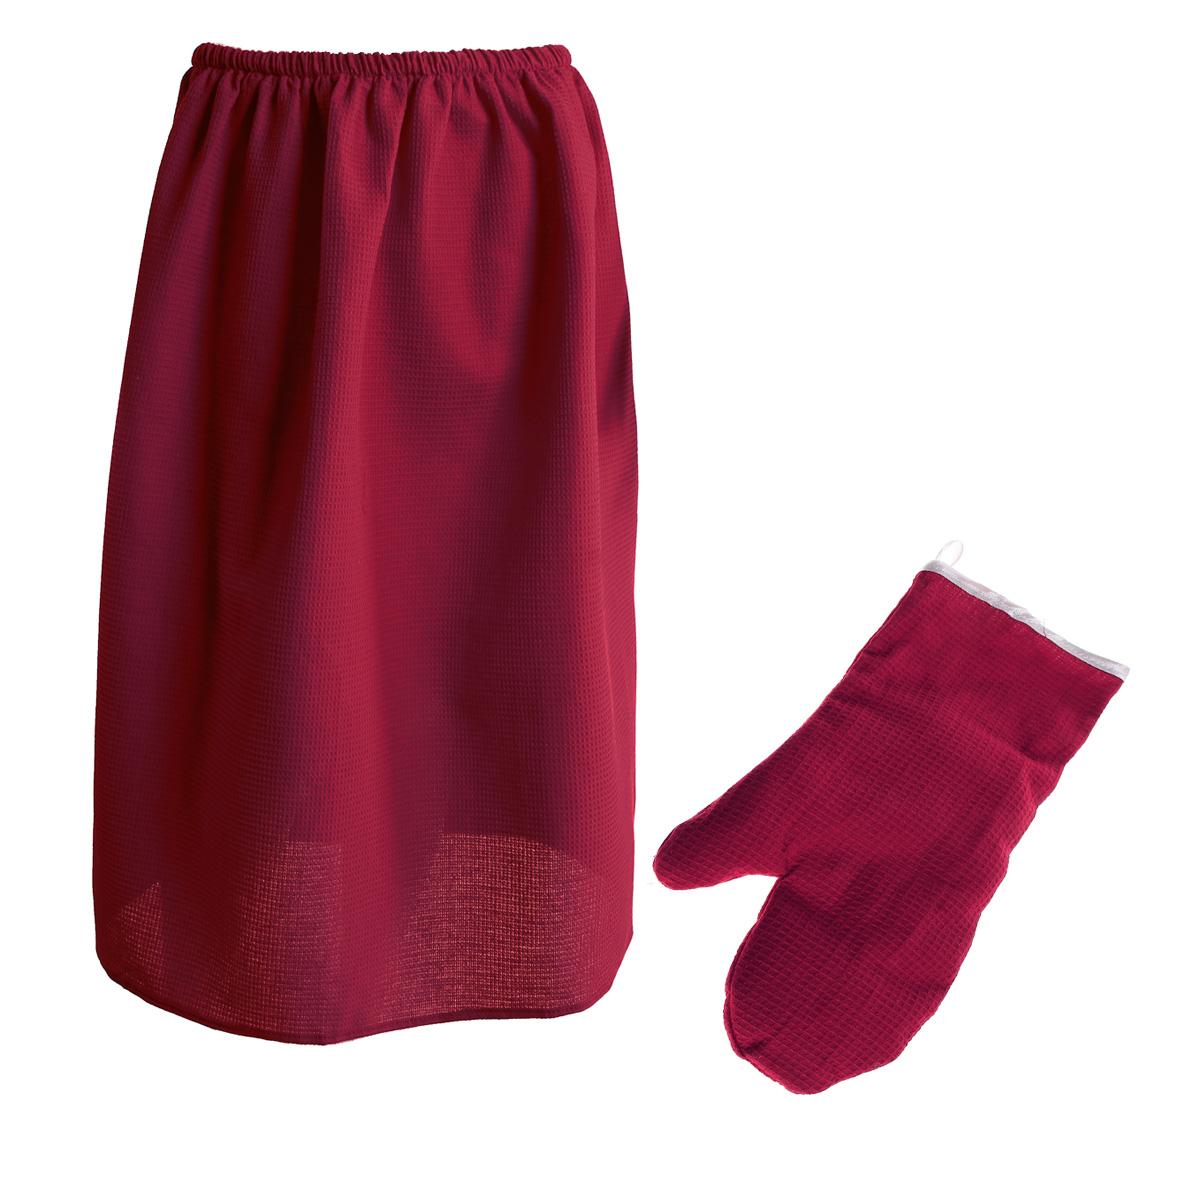 Комплект для бани и сауны Банные штучки женский, 2 предмета, цвет: бордовый905247_голубой, розовыйКомплект для бани и сауны Банные штучки, выполненный из натурального хлопка бордового цвета, привлечет внимание любителей модных тенденций в банной одежде.Набор состоит из вафельной накидки и рукавицы.Накидка - это многофункциональное полотенце специального покроя с резинкой и застежкой. В парилке можно лежать на ней, после душа вытираться, а во время отдыха использовать как удобную накидку.Рукавица обезопасит ваши руки от горячего пара или ручки ковша. Рукавицей можно также прекрасно помассировать тело.Такой набор будет приятно получить в подарок каждому. Характеристики: Материал: 100% хлопок. Длина накидки: 78 см. Ширина накидки: 145 см. Размер: 36-60. Размер рукавицы: 26,5 см х 17,5 см. Артикул: 32062.